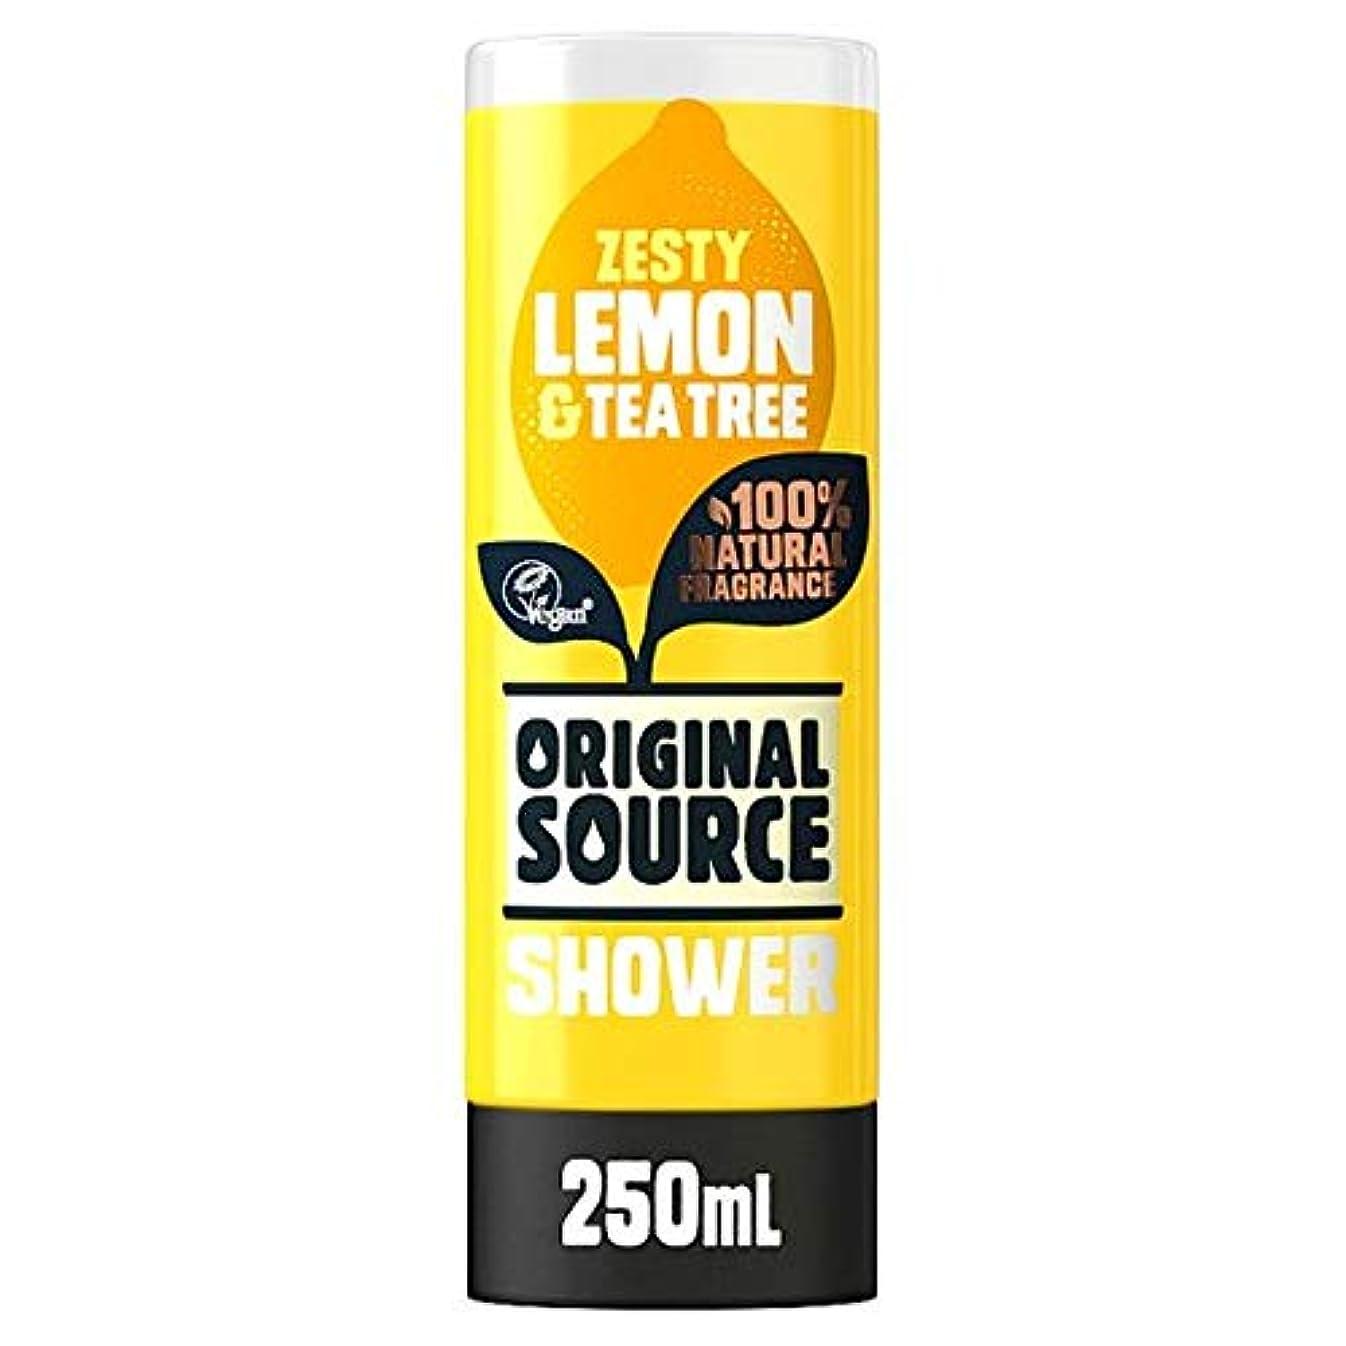 素敵なソブリケットによって[Original Source] 元のソースレモン、ティーツリーシャワージェル250ミリリットル - Original Source Lemon And Tea Tree Shower Gel 250Ml [並行輸入品]